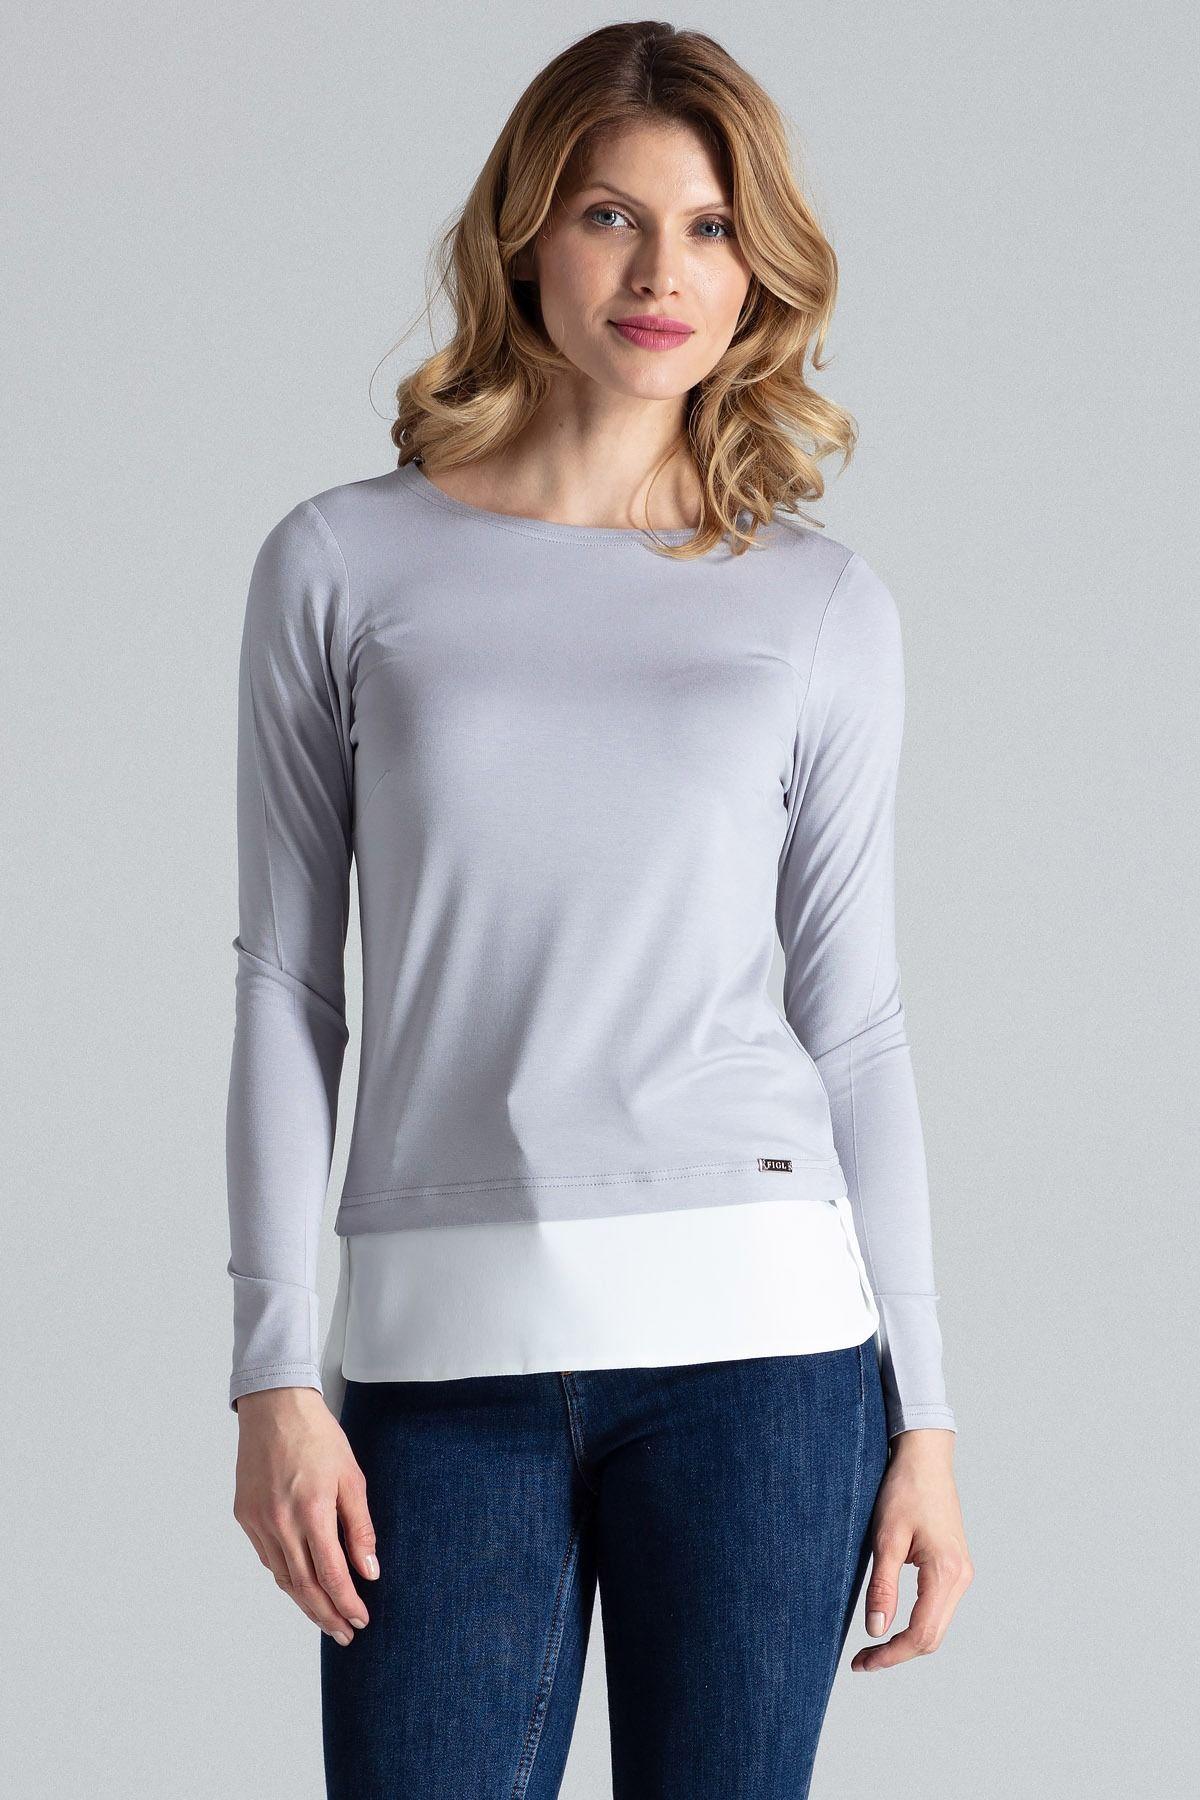 Ciemnoszara szykowna bluzka z długim rękawem wykończona kontrastową lamówką